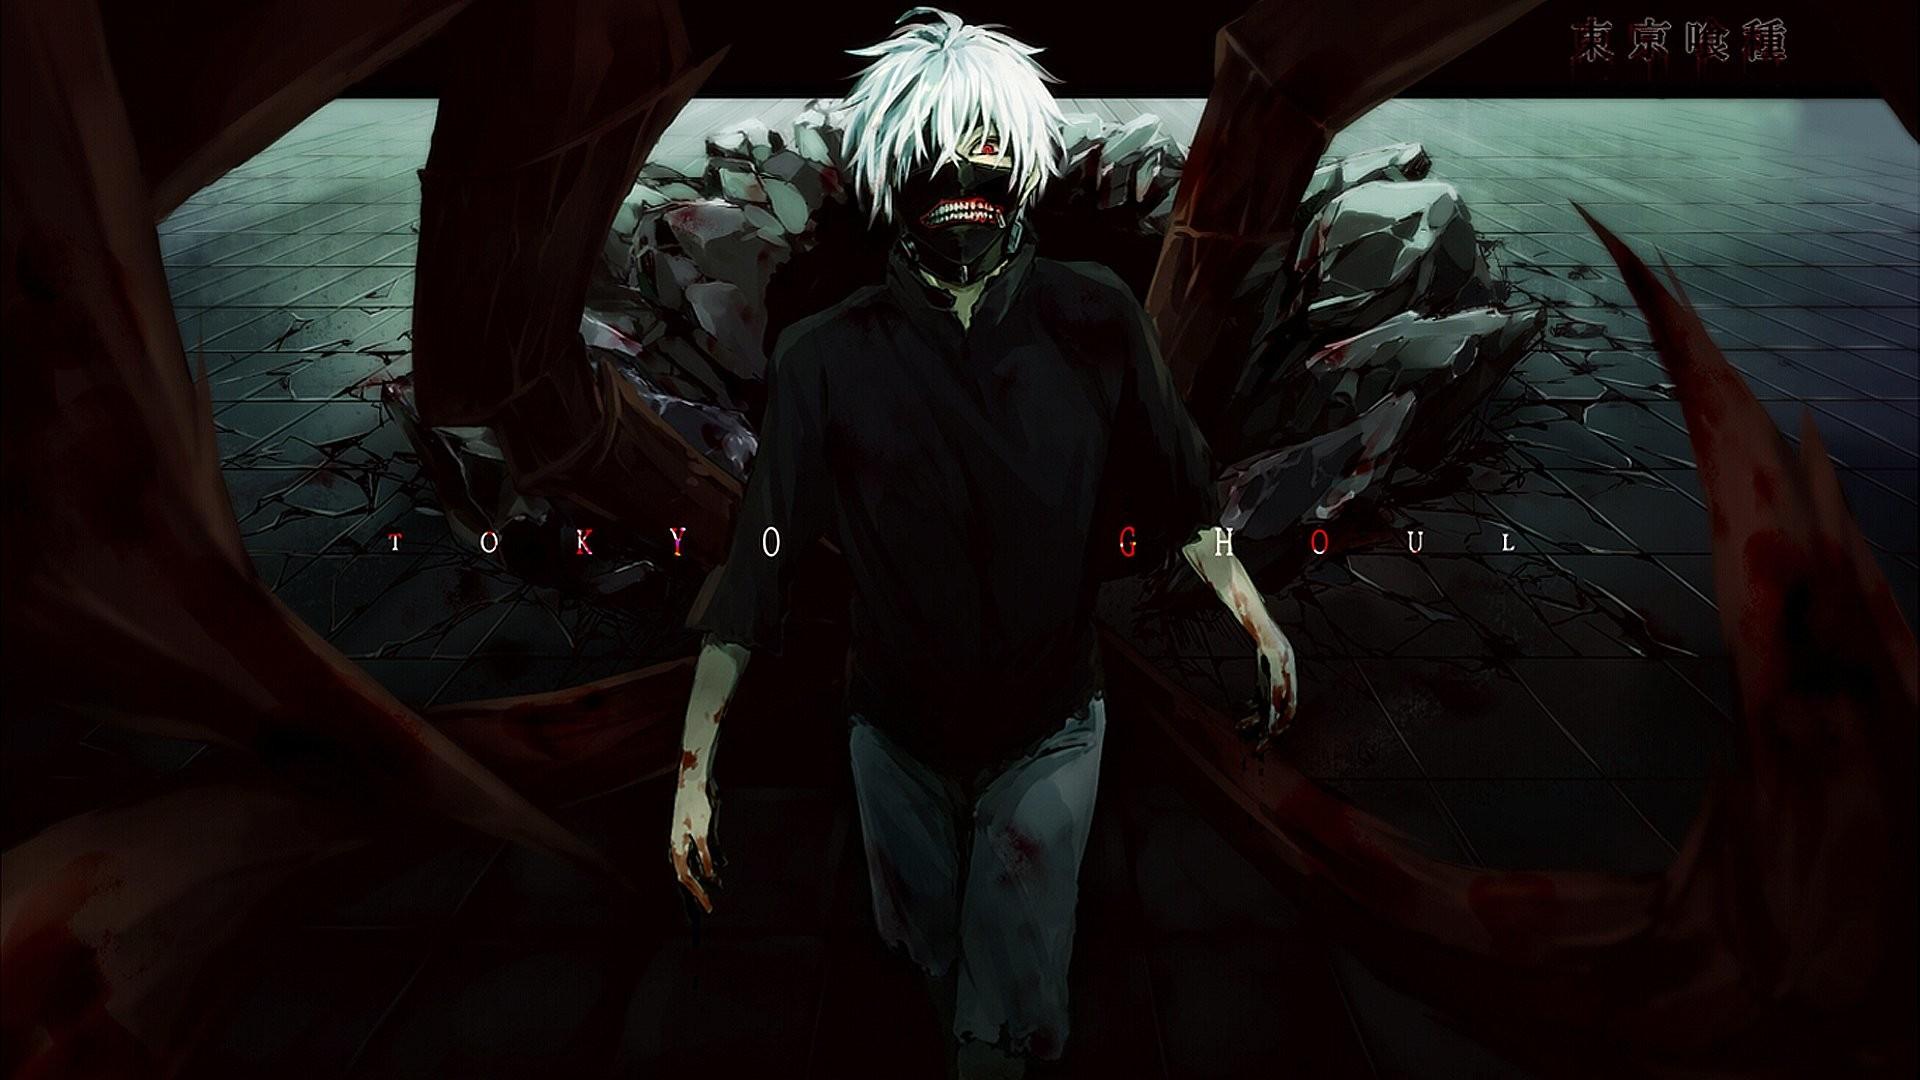 210 Tokyo Ghoul Wallpaper Hd